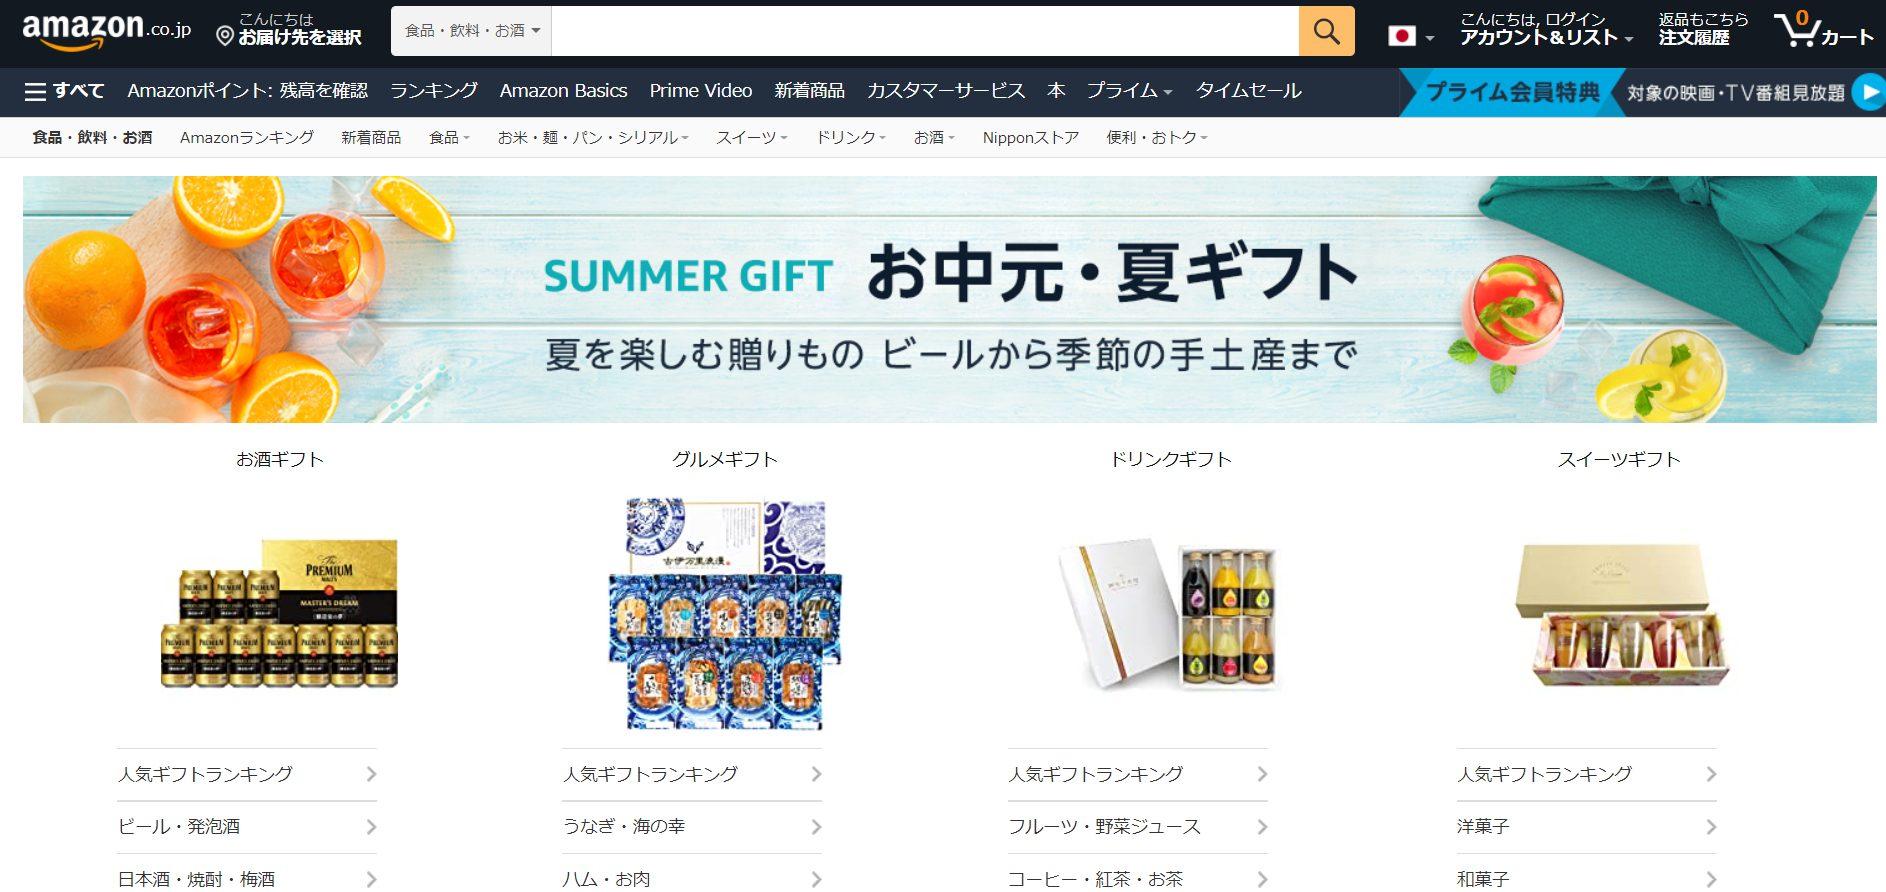 出典)Amazon公式サイト